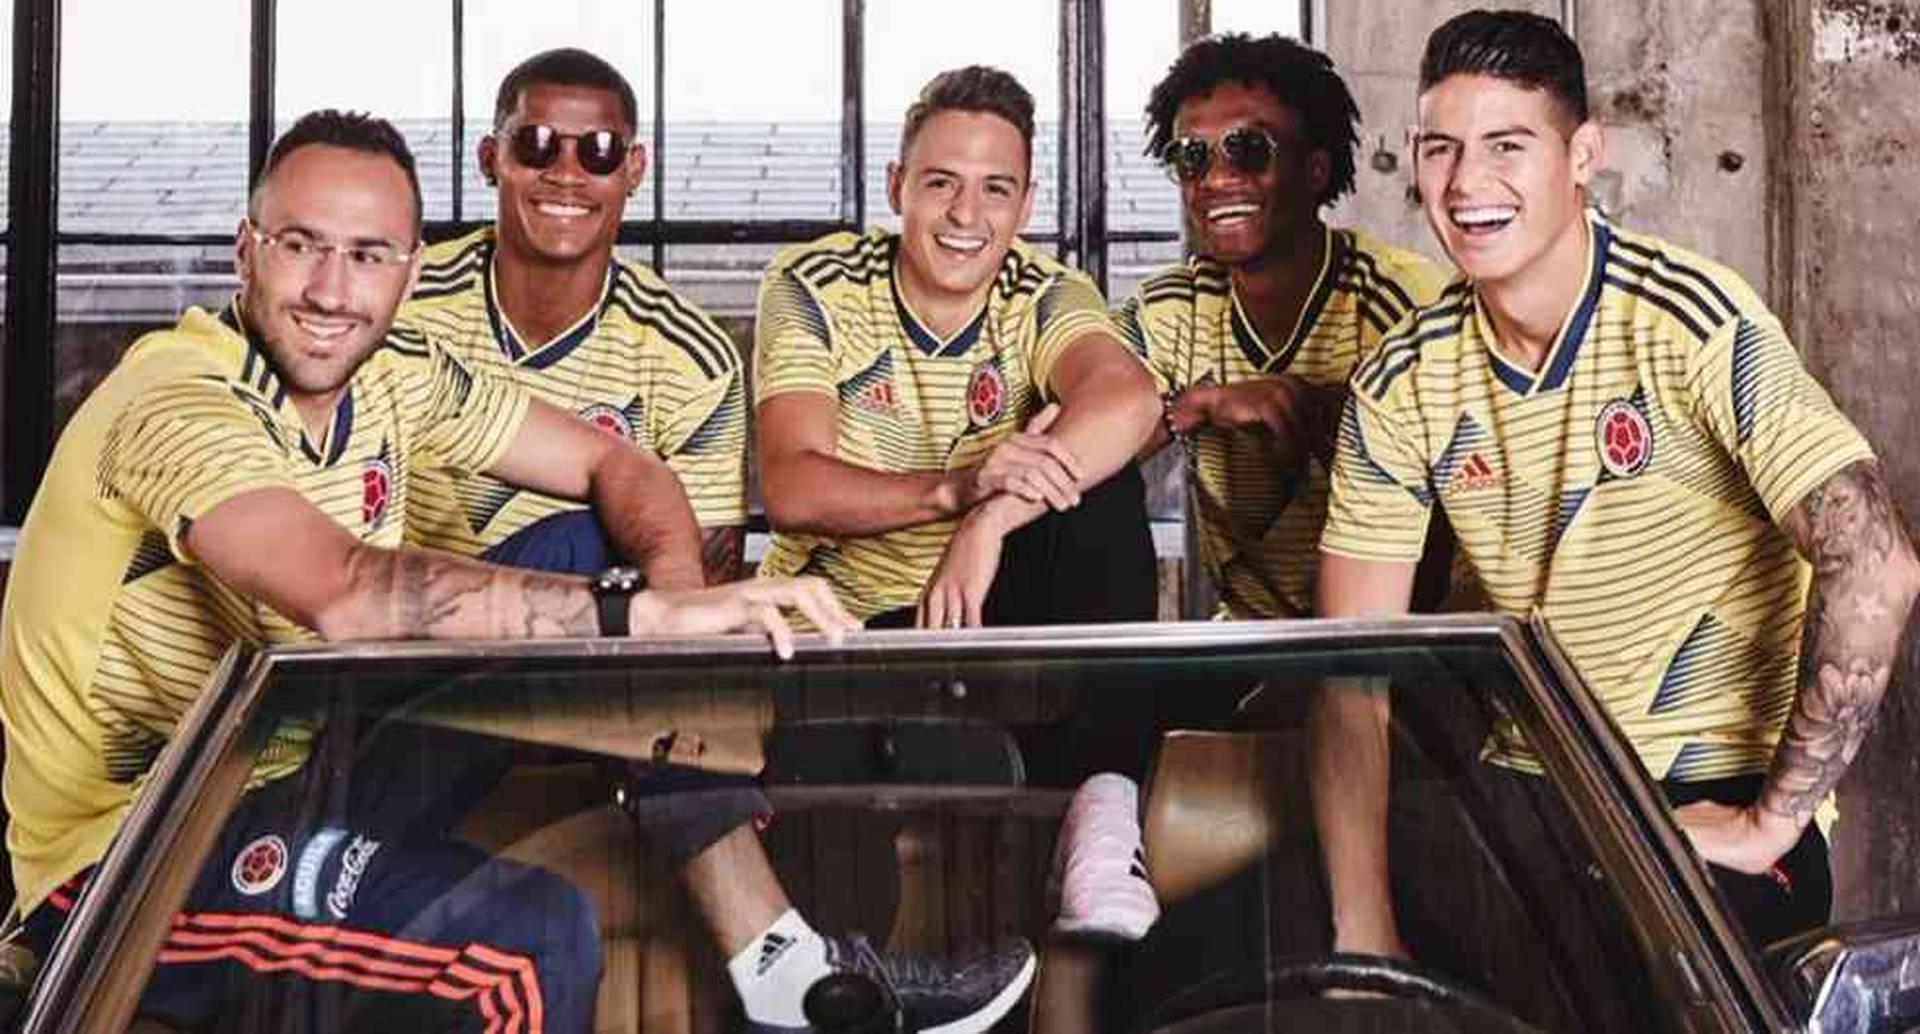 La nueva camiseta de la Selección Colombia no deja muy buenas impresiones en redes sociales.